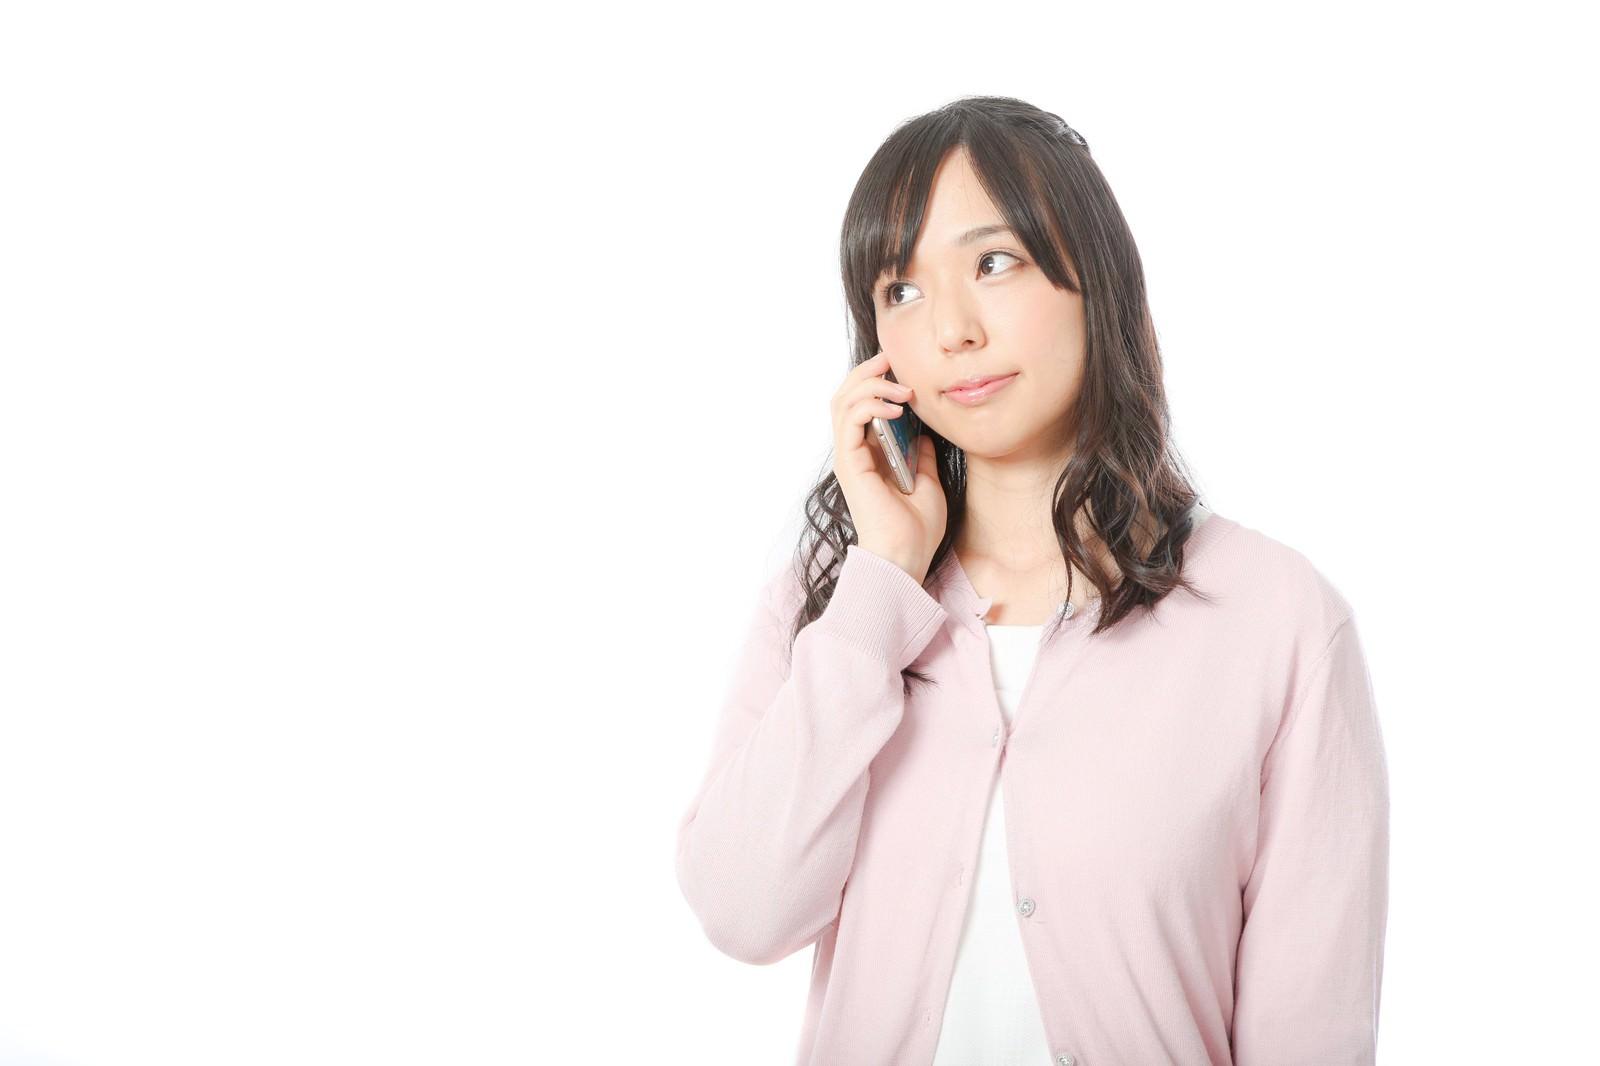 「親切丁寧な電話サポートに笑顔が溢れる女性消費者親切丁寧な電話サポートに笑顔が溢れる女性消費者」[モデル:さとうゆい]のフリー写真素材を拡大